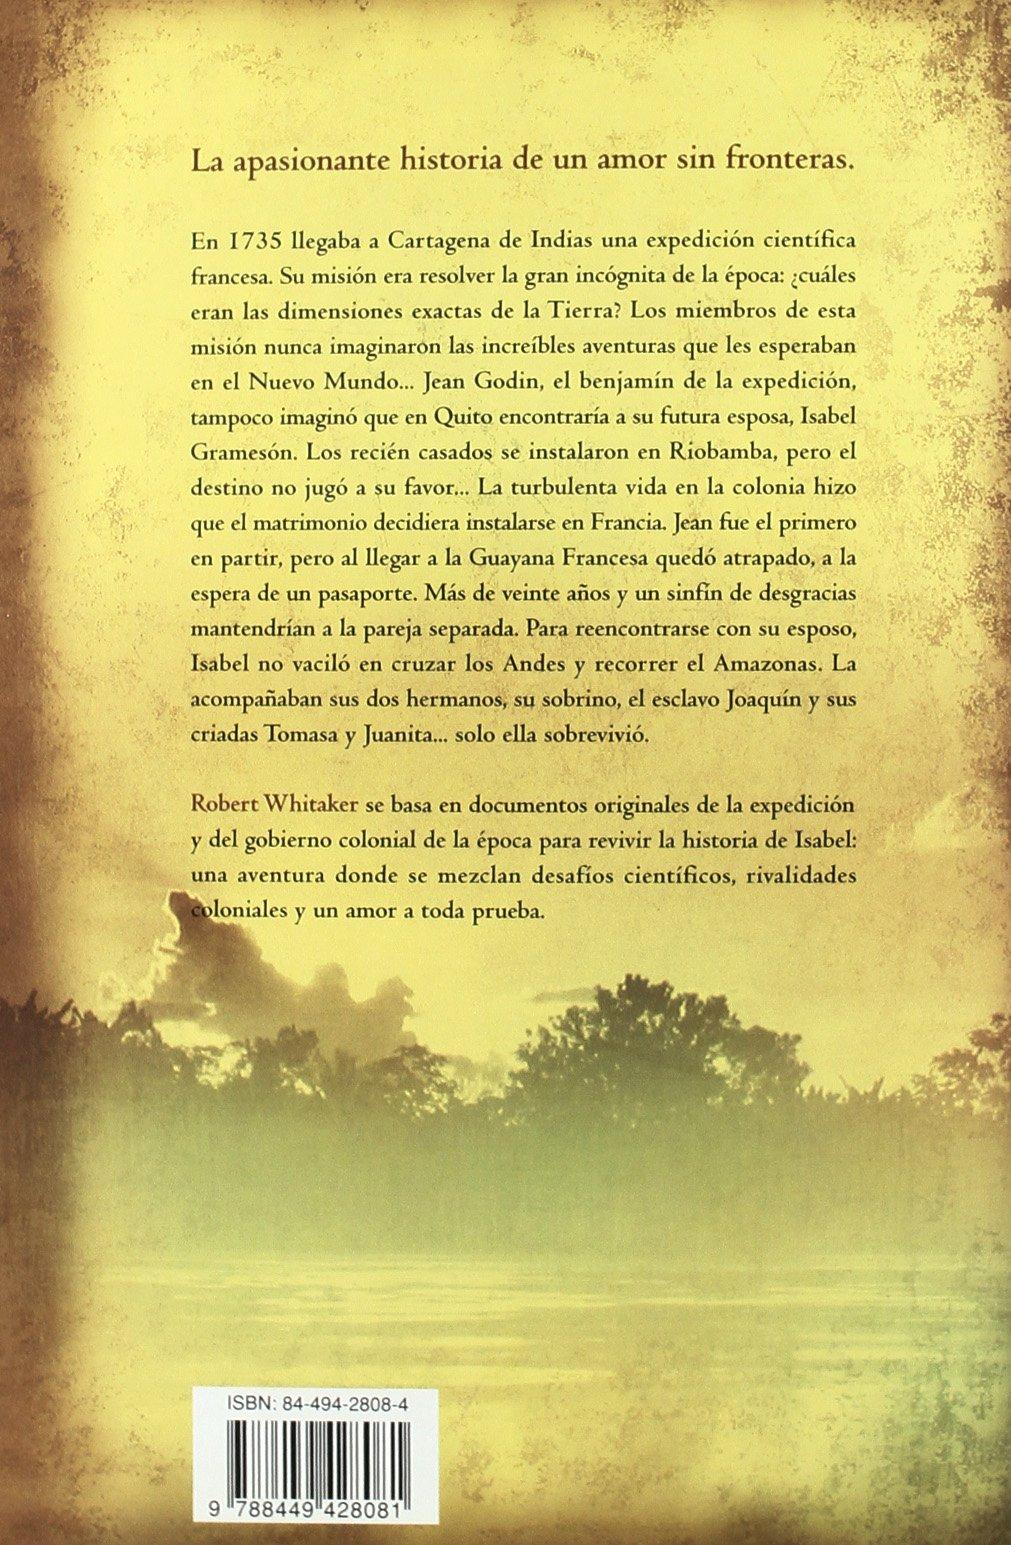 La Mujer Del Cartografo (los Otros Libros) (spanish Edition): Robert  Whitaker: 9788449428081: Amazon: Books